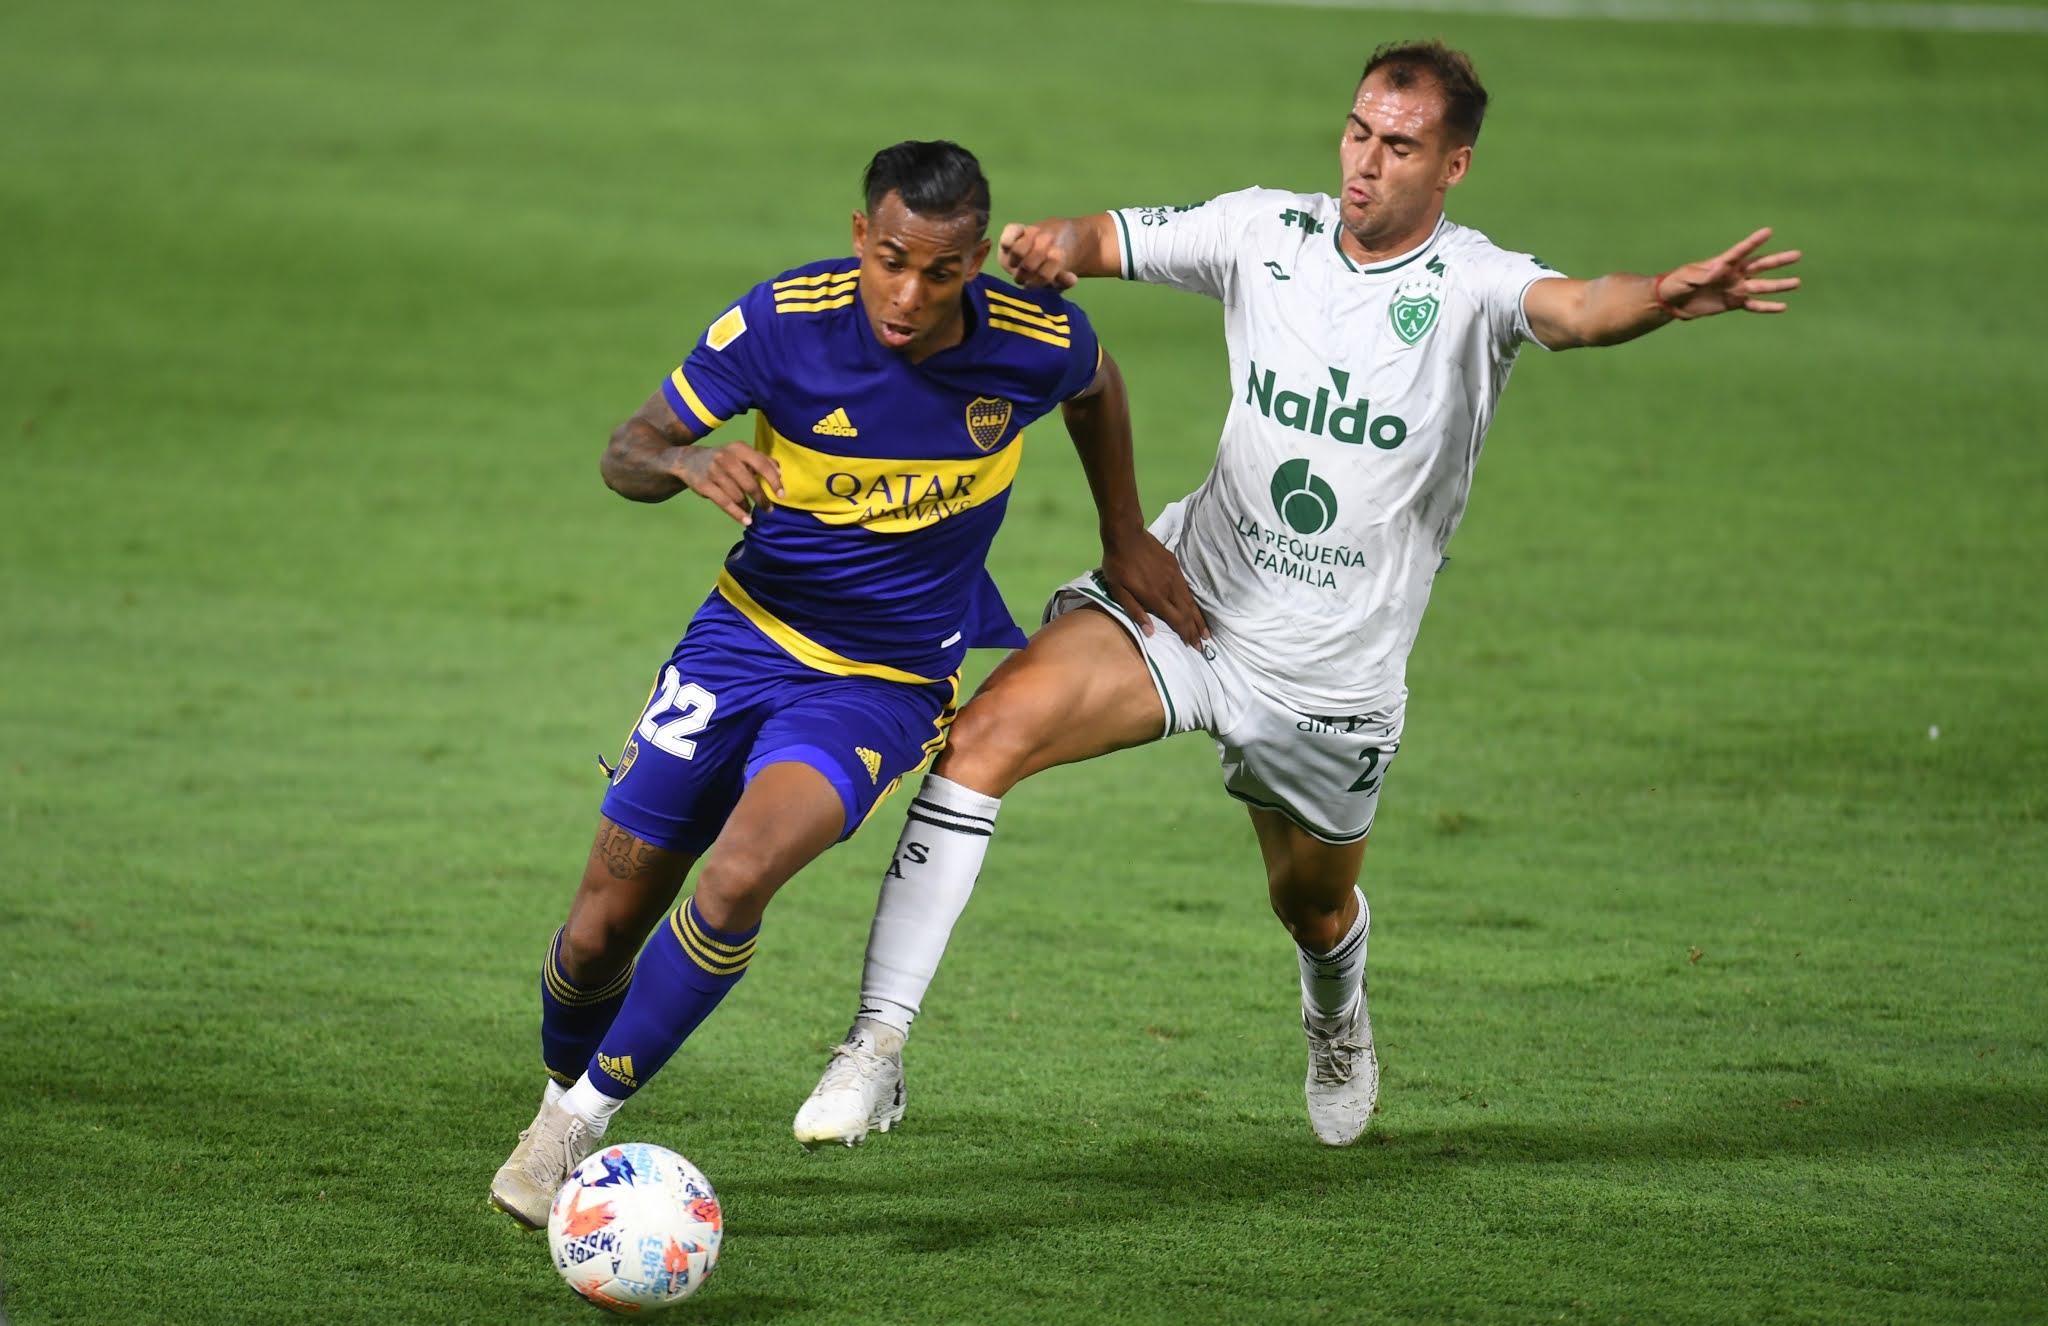 FOTOS: Lo mejor del empate de Boca 1 a 1 con Sarmiento en La Bombonera